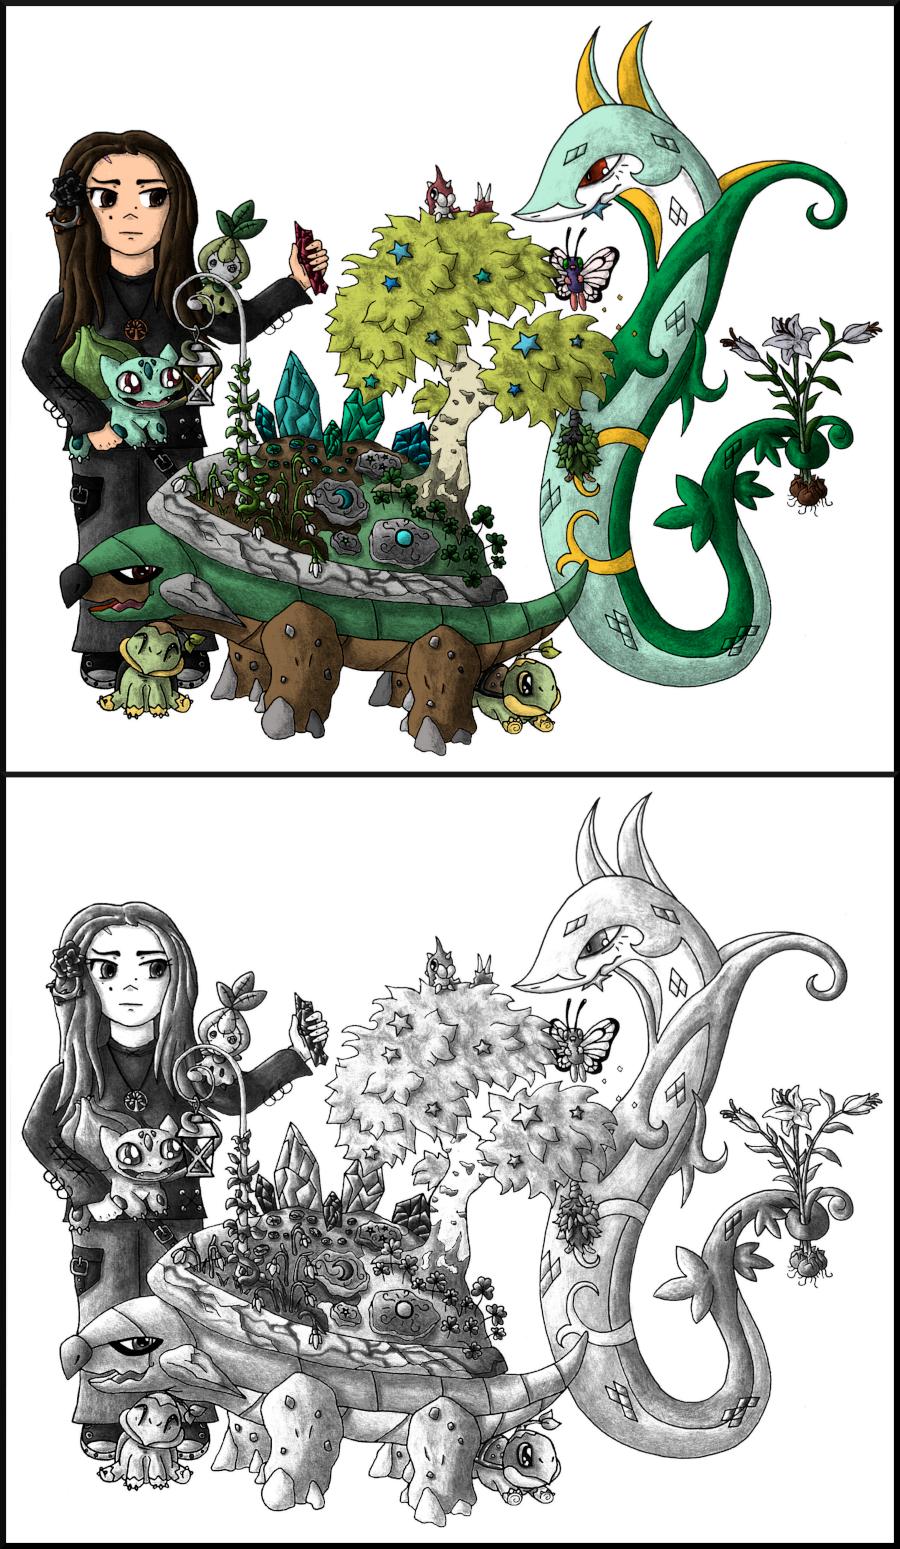 Pokémon-Zeichnung: Gardening